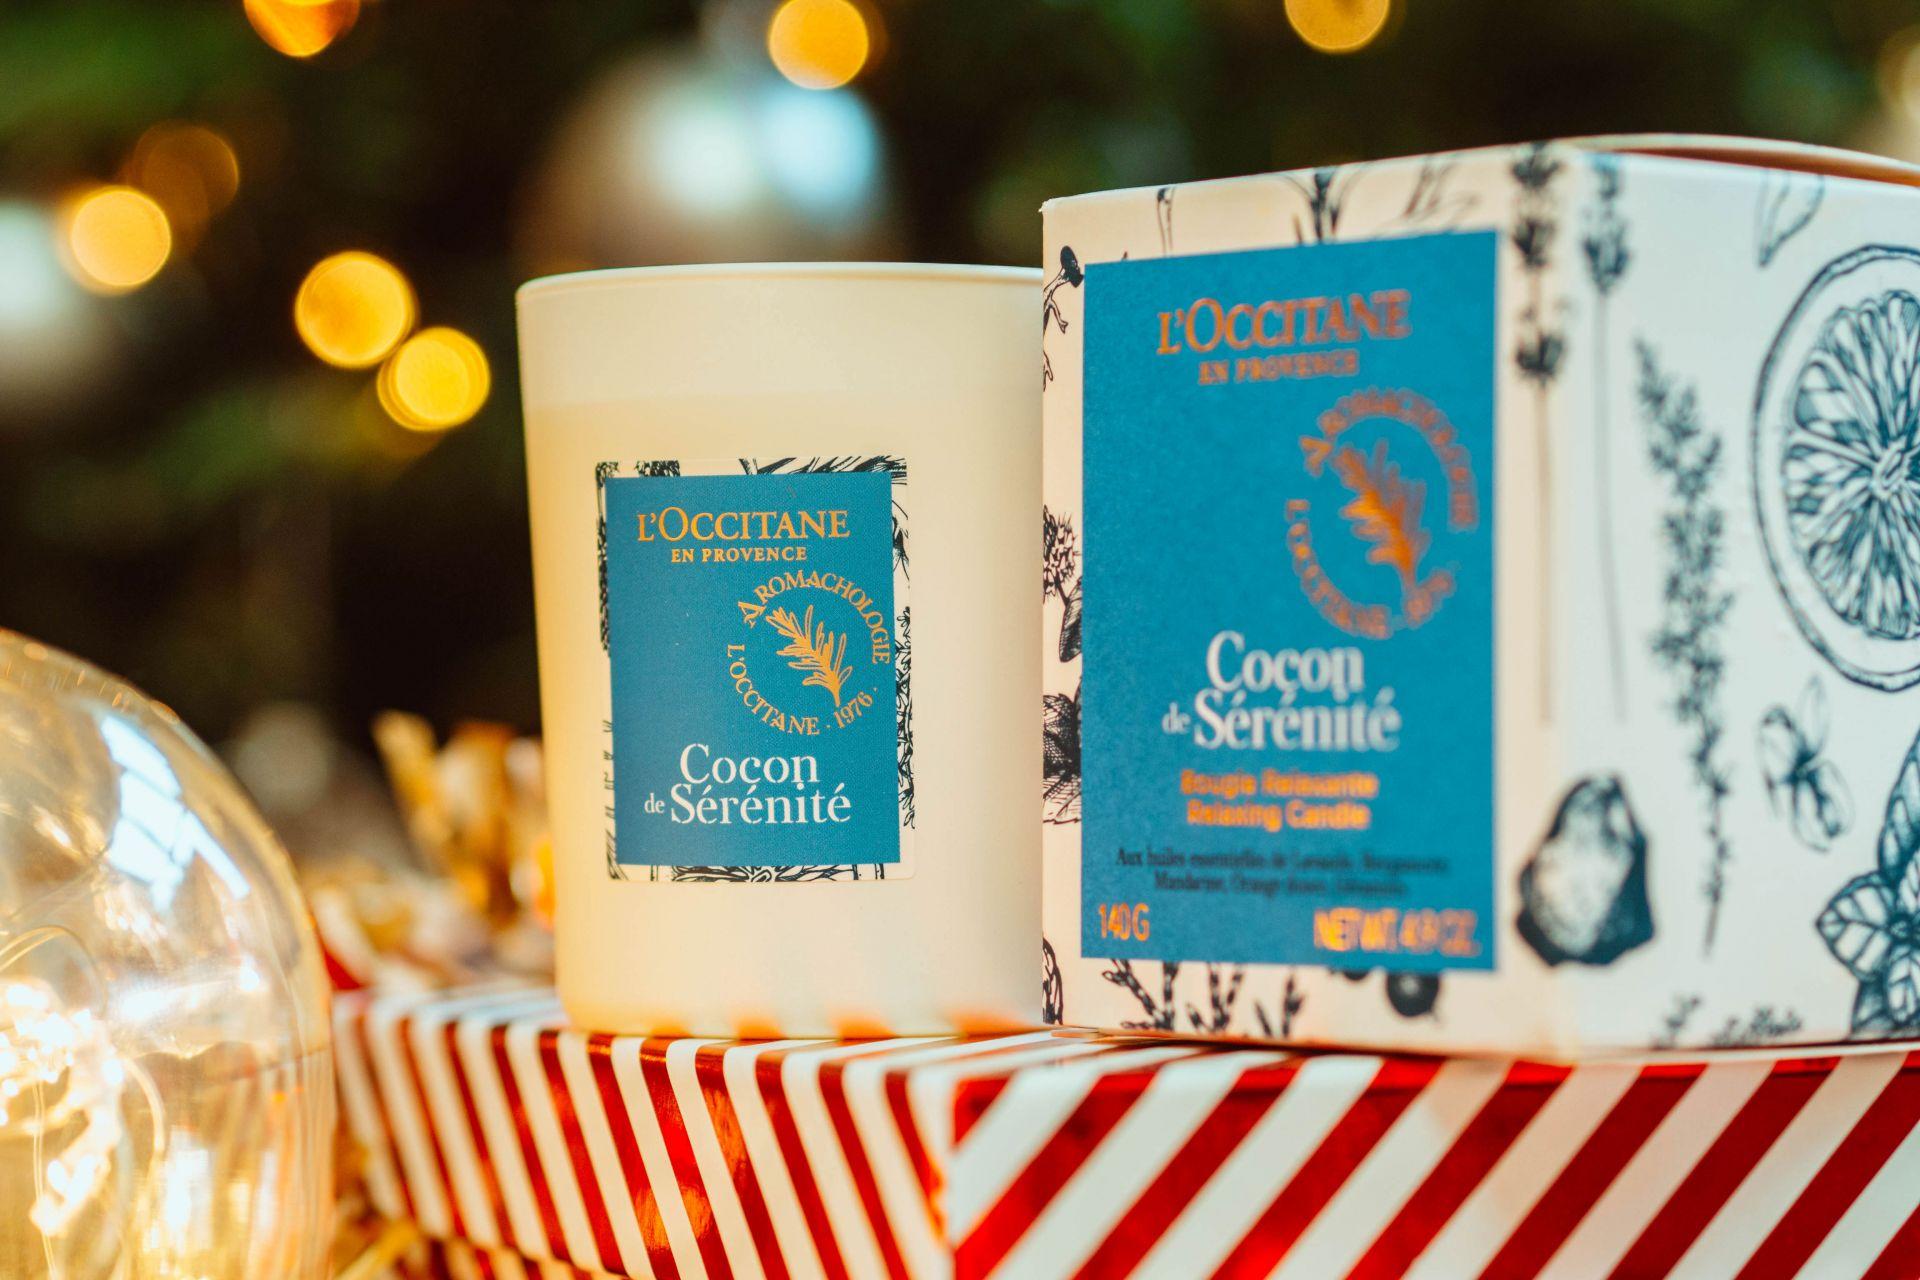 L'Occitane Cocon de Serenite Candle